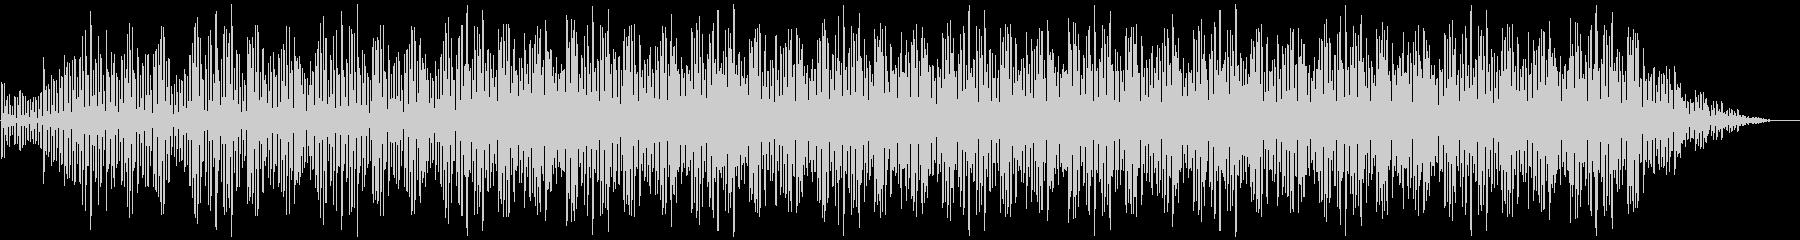 ミニマルなピアノBGM(ストリングス有)の未再生の波形